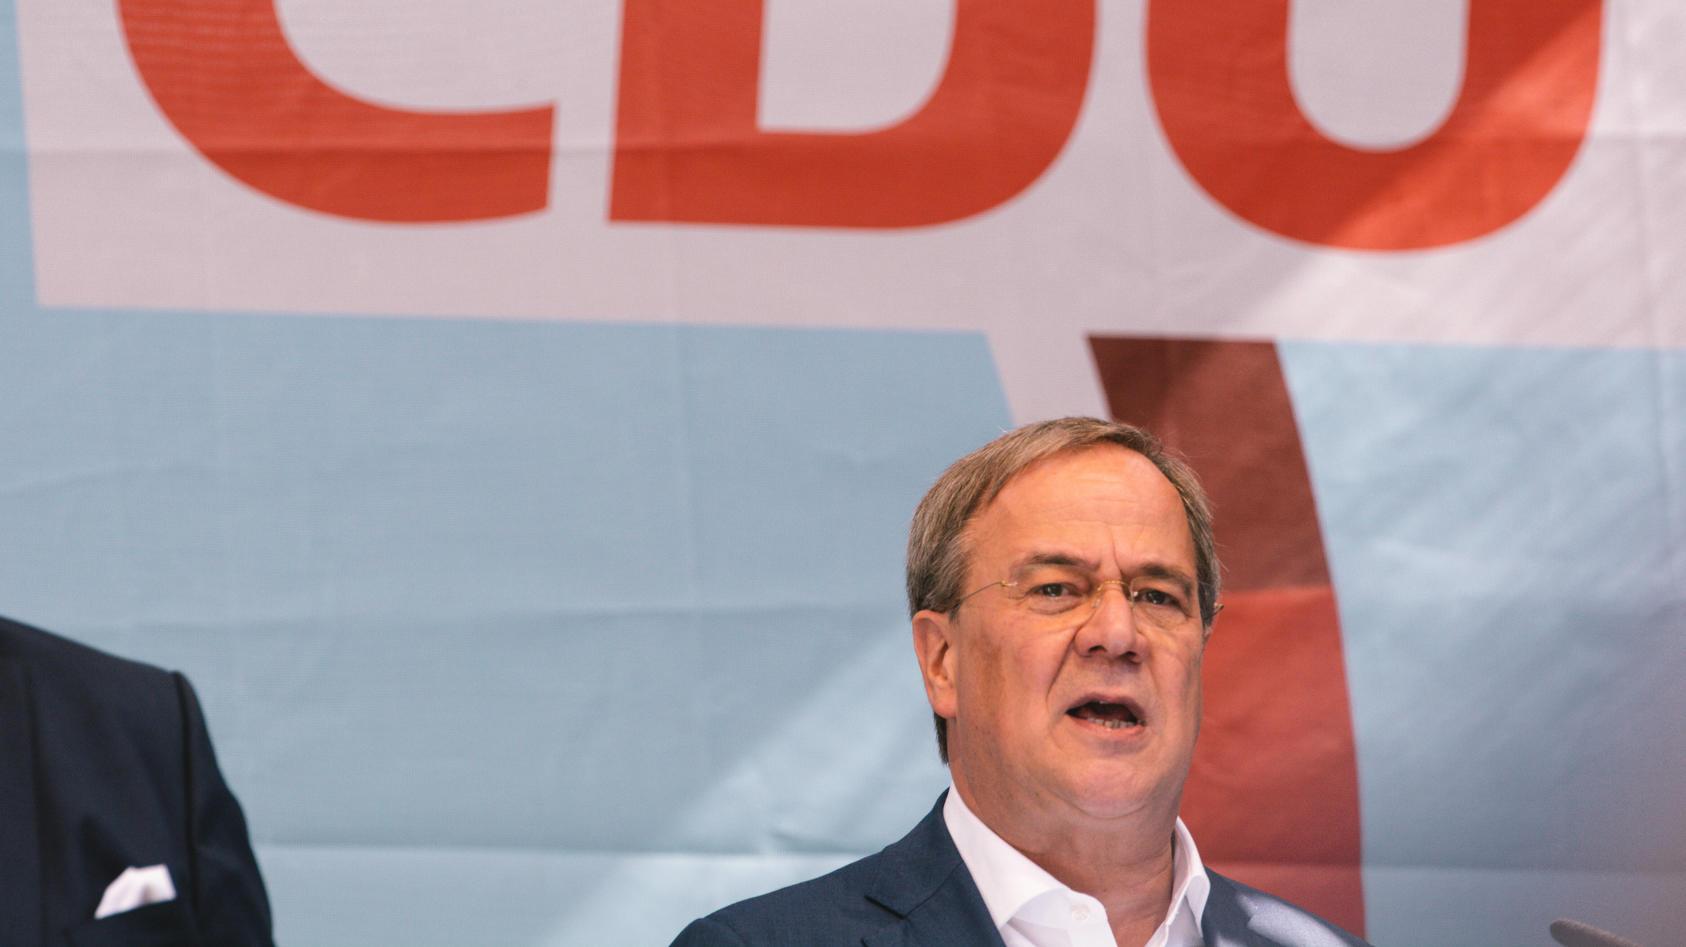 Der Kompromiss um die Wahl des Fraktionsvorsitzenden ist eine Niederlage für Armin Laschet.